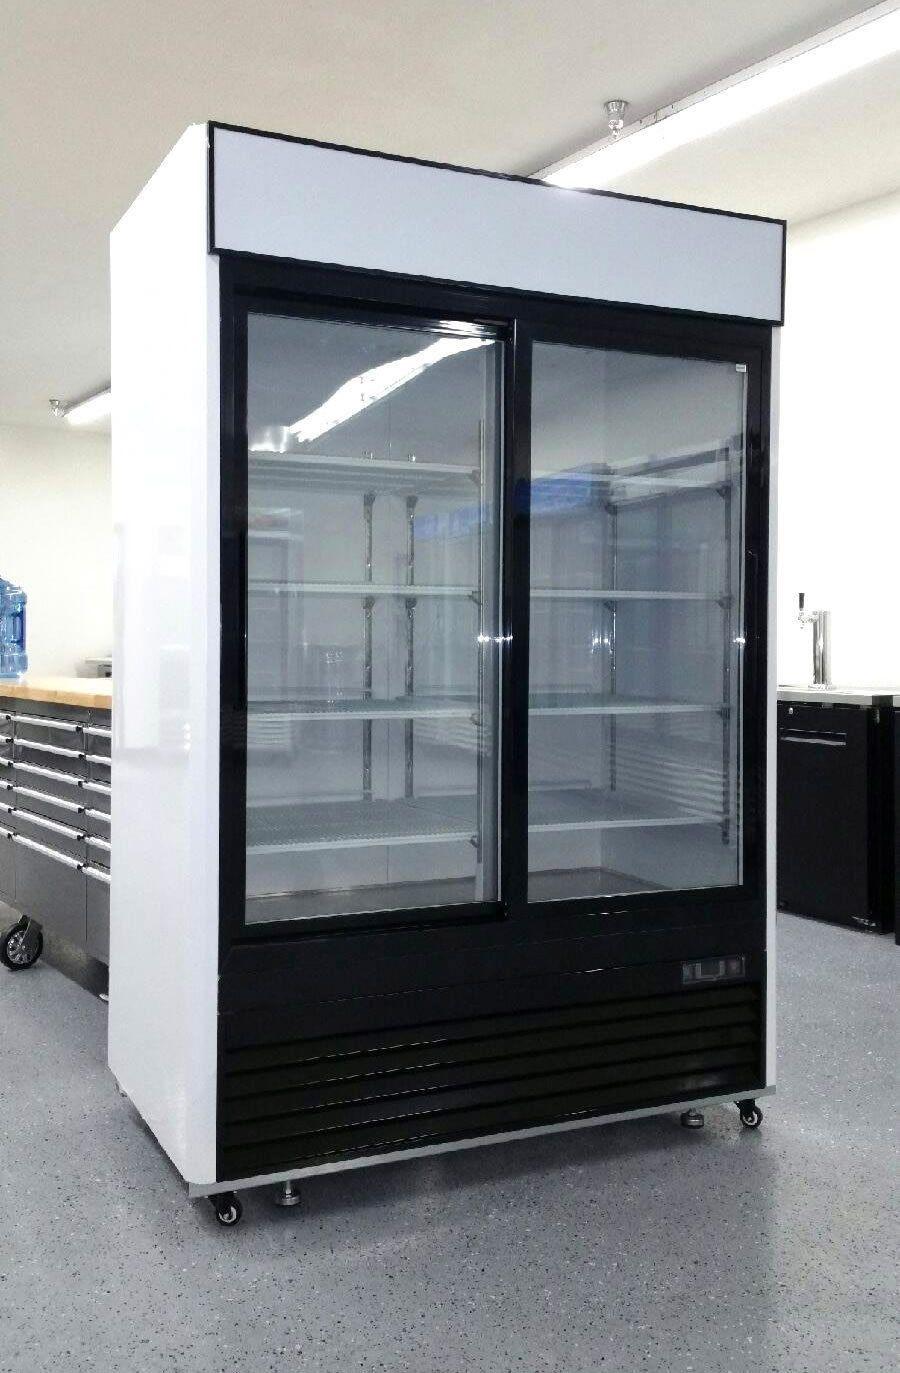 2 Door Sliding Glass Merchandiser Refrigerator Beverage Cooler Mcf8709 Beverage Cooler Beverage Refrigerator Refrigerator Sale